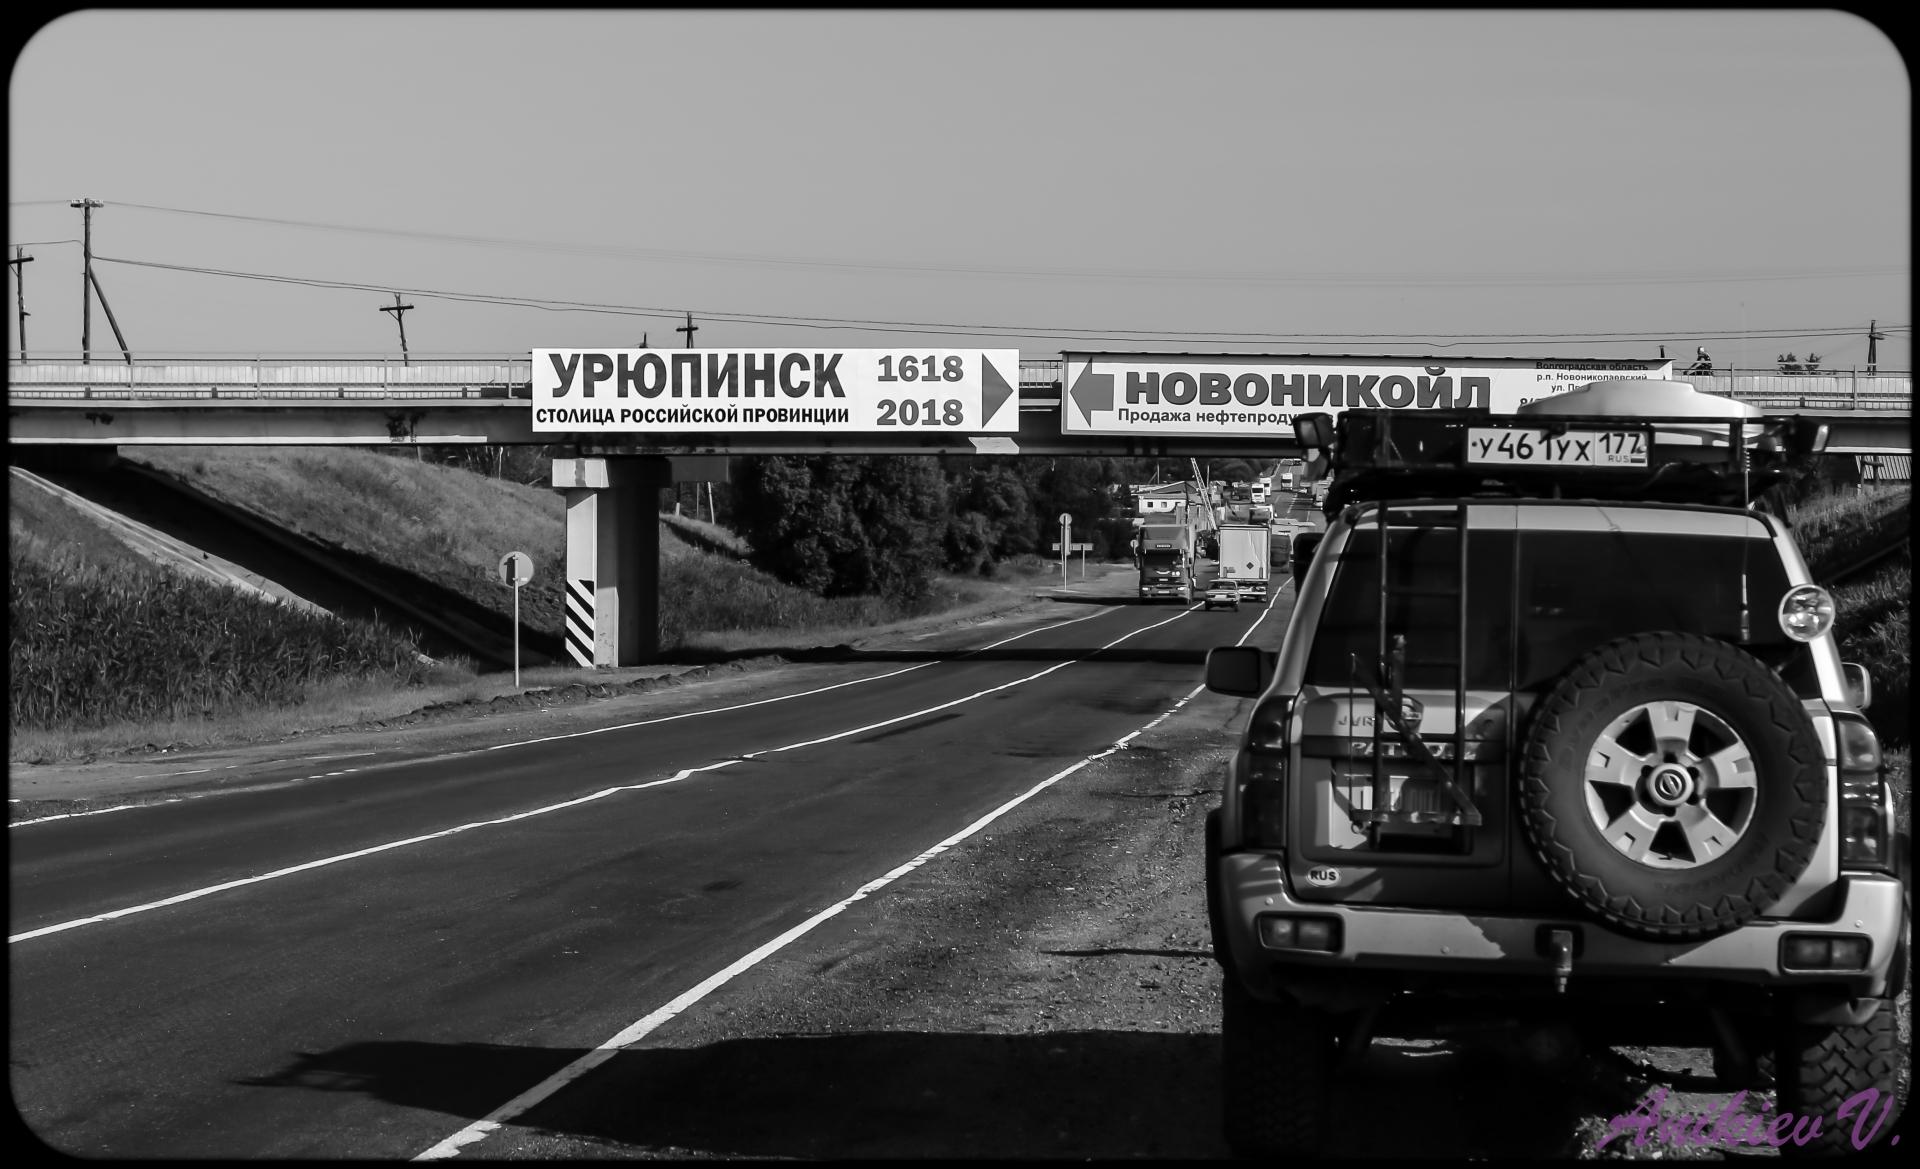 урюпинск (ну как без него)